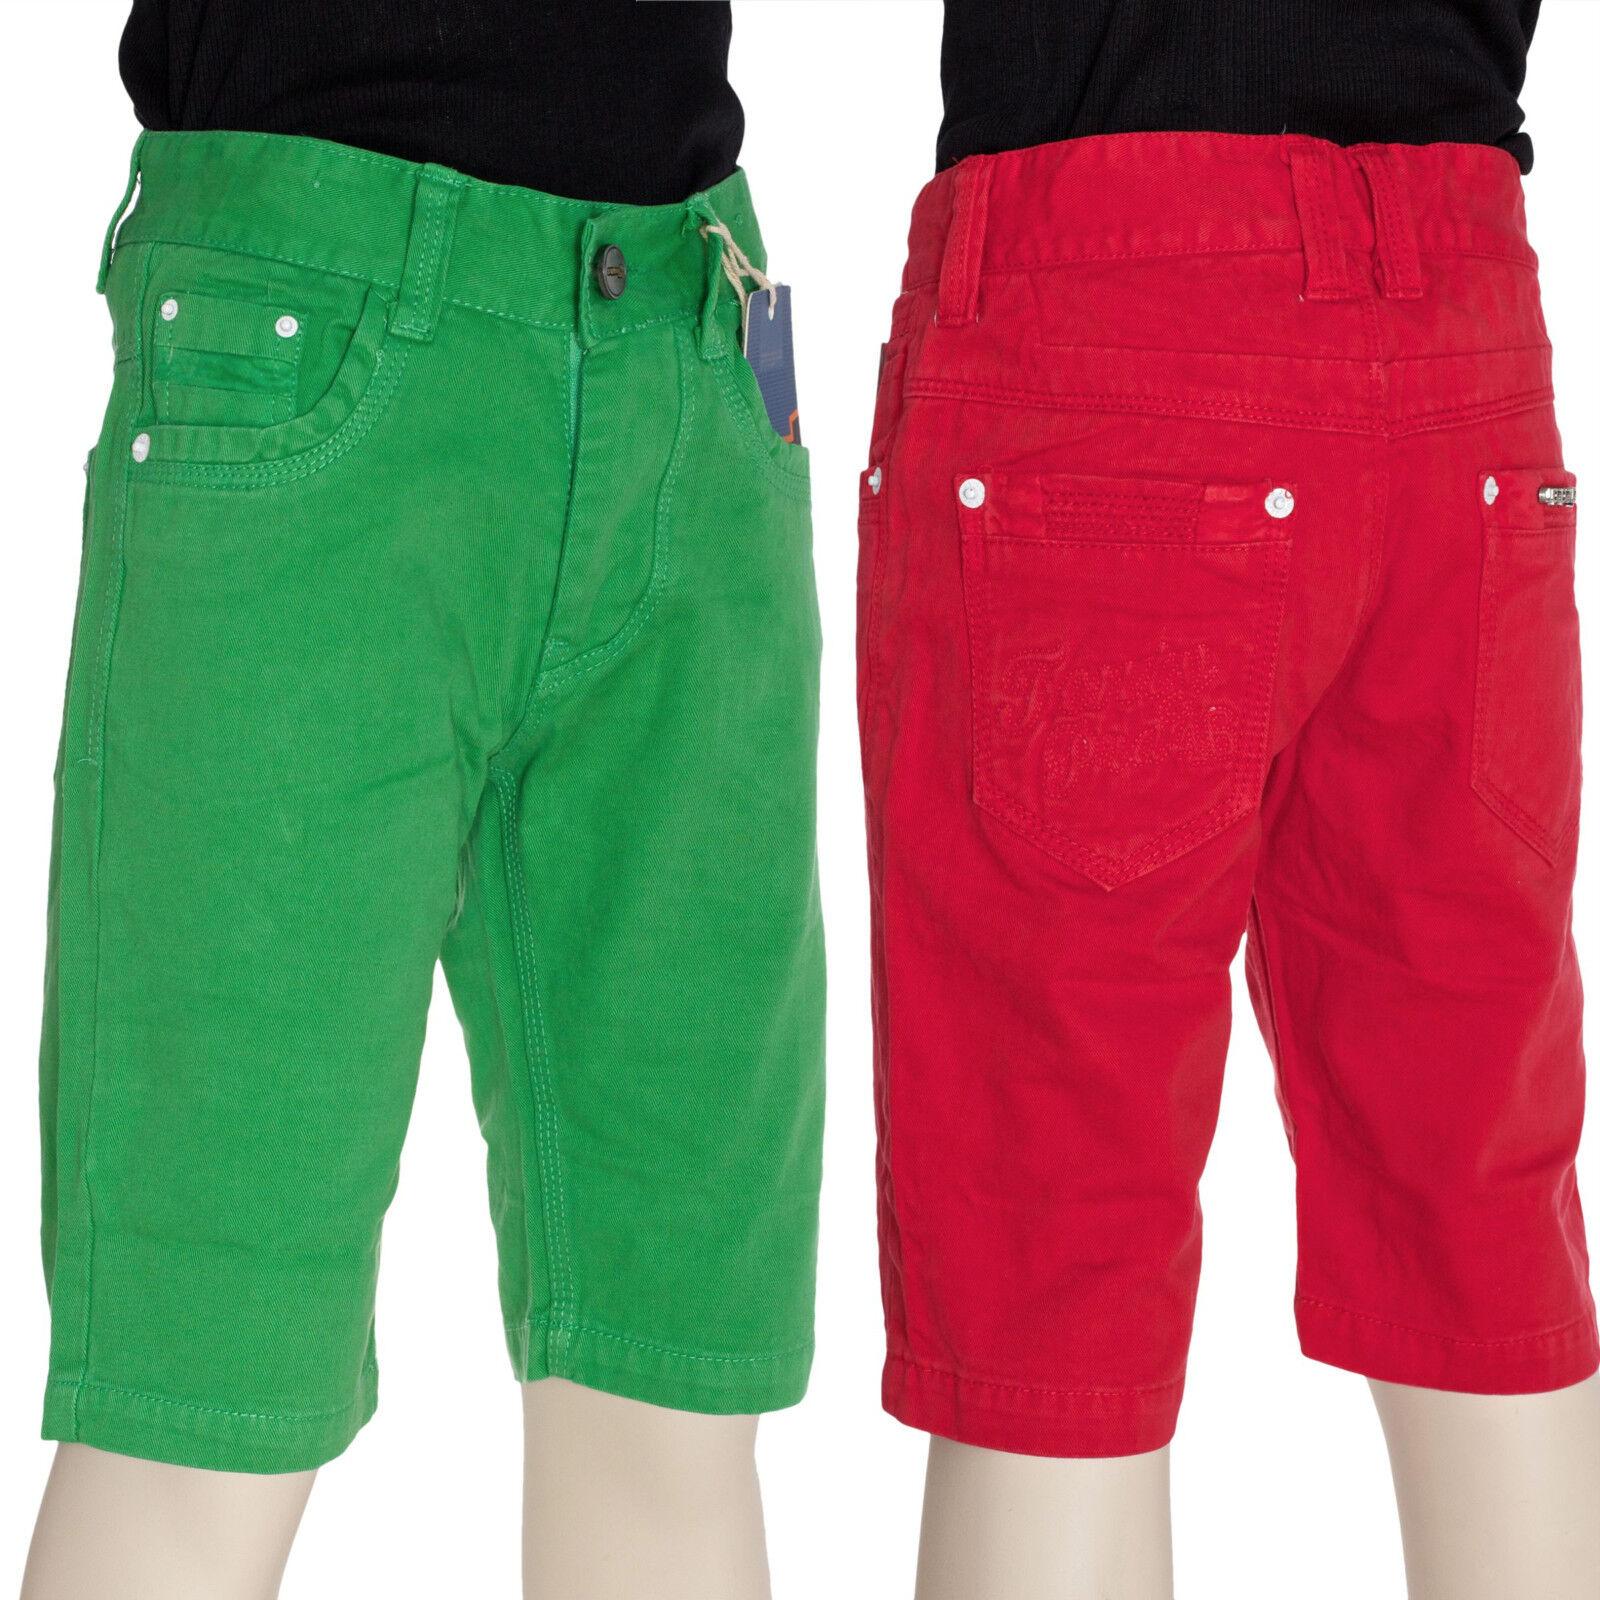 Vergleich Jeans Junge 164 Test Kurze Hosen v0wmON8n